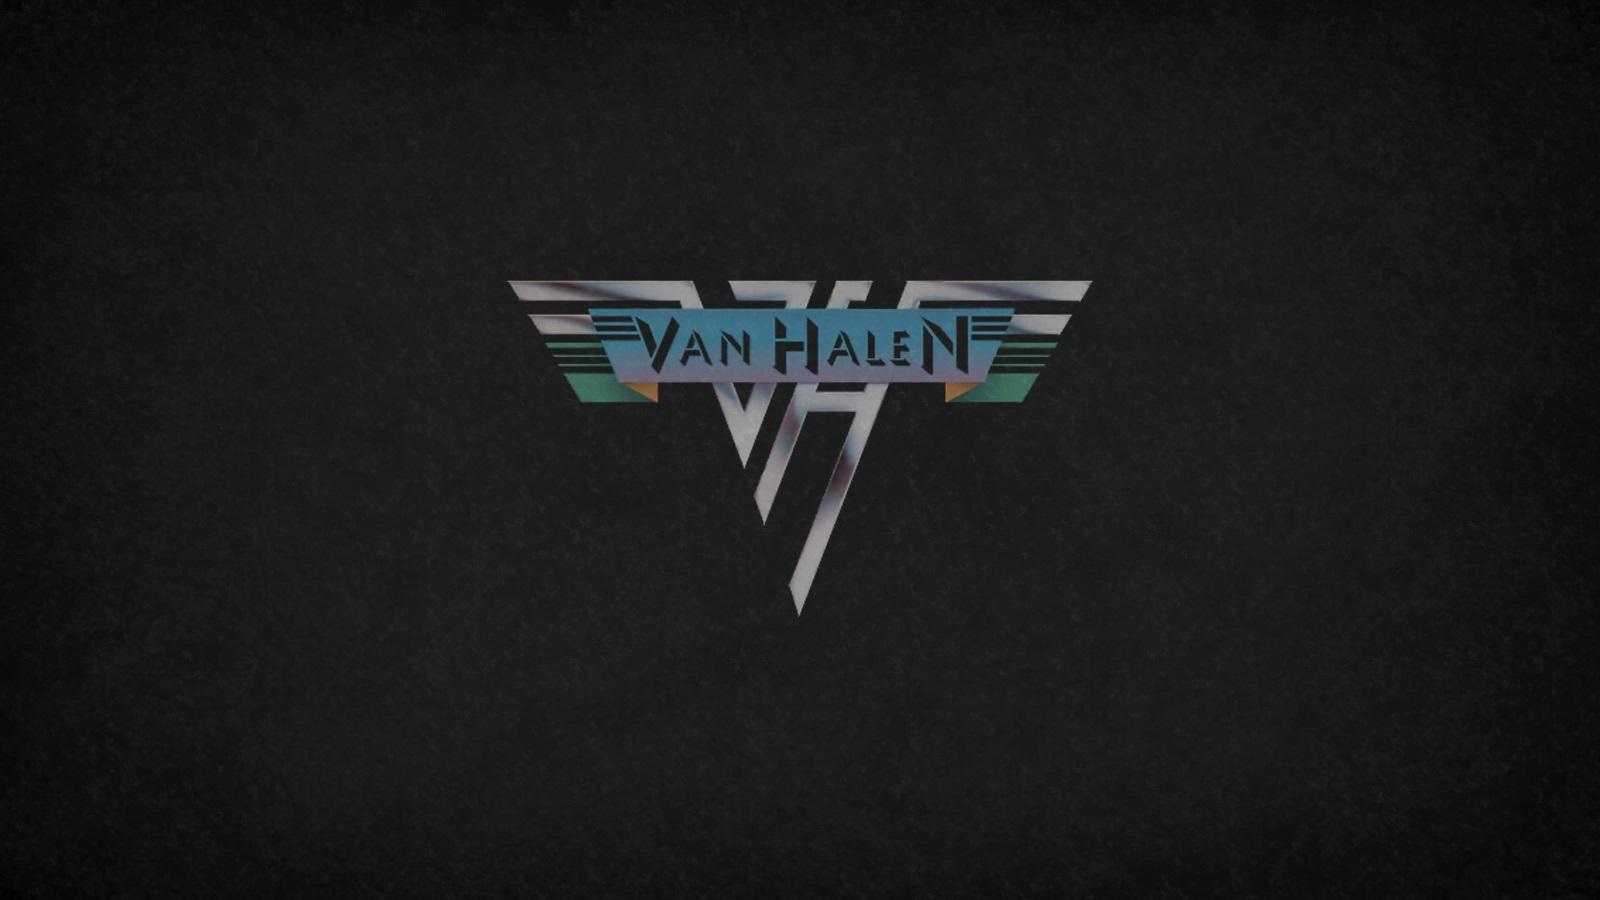 Van Halen Computer Wallpapers Desktop Backgrounds 1600x900